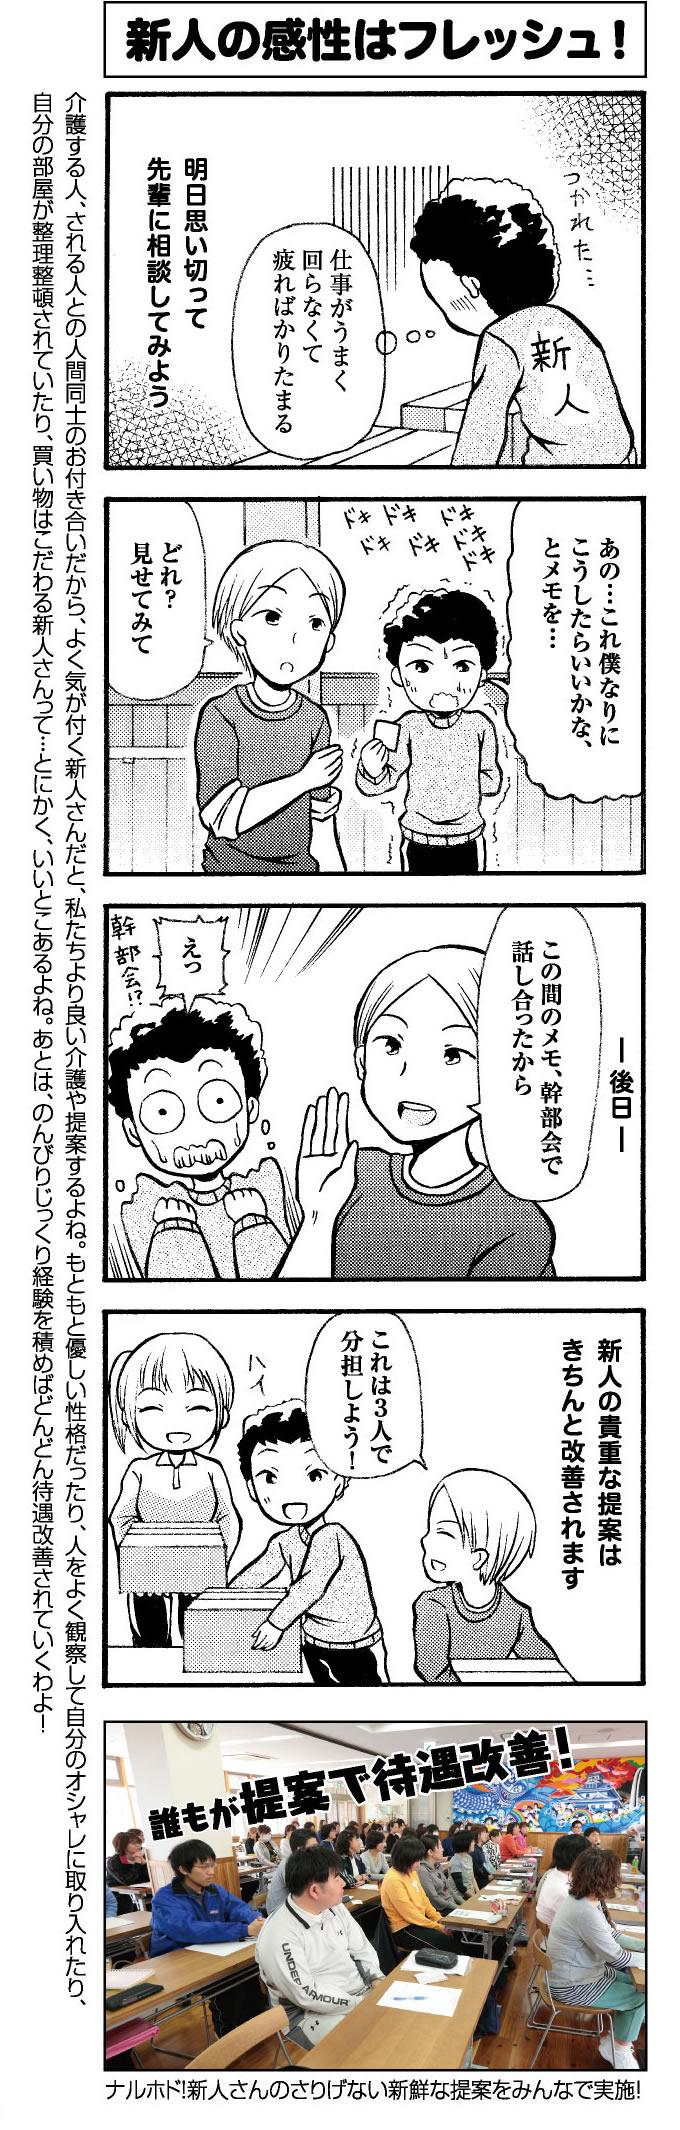 manga22